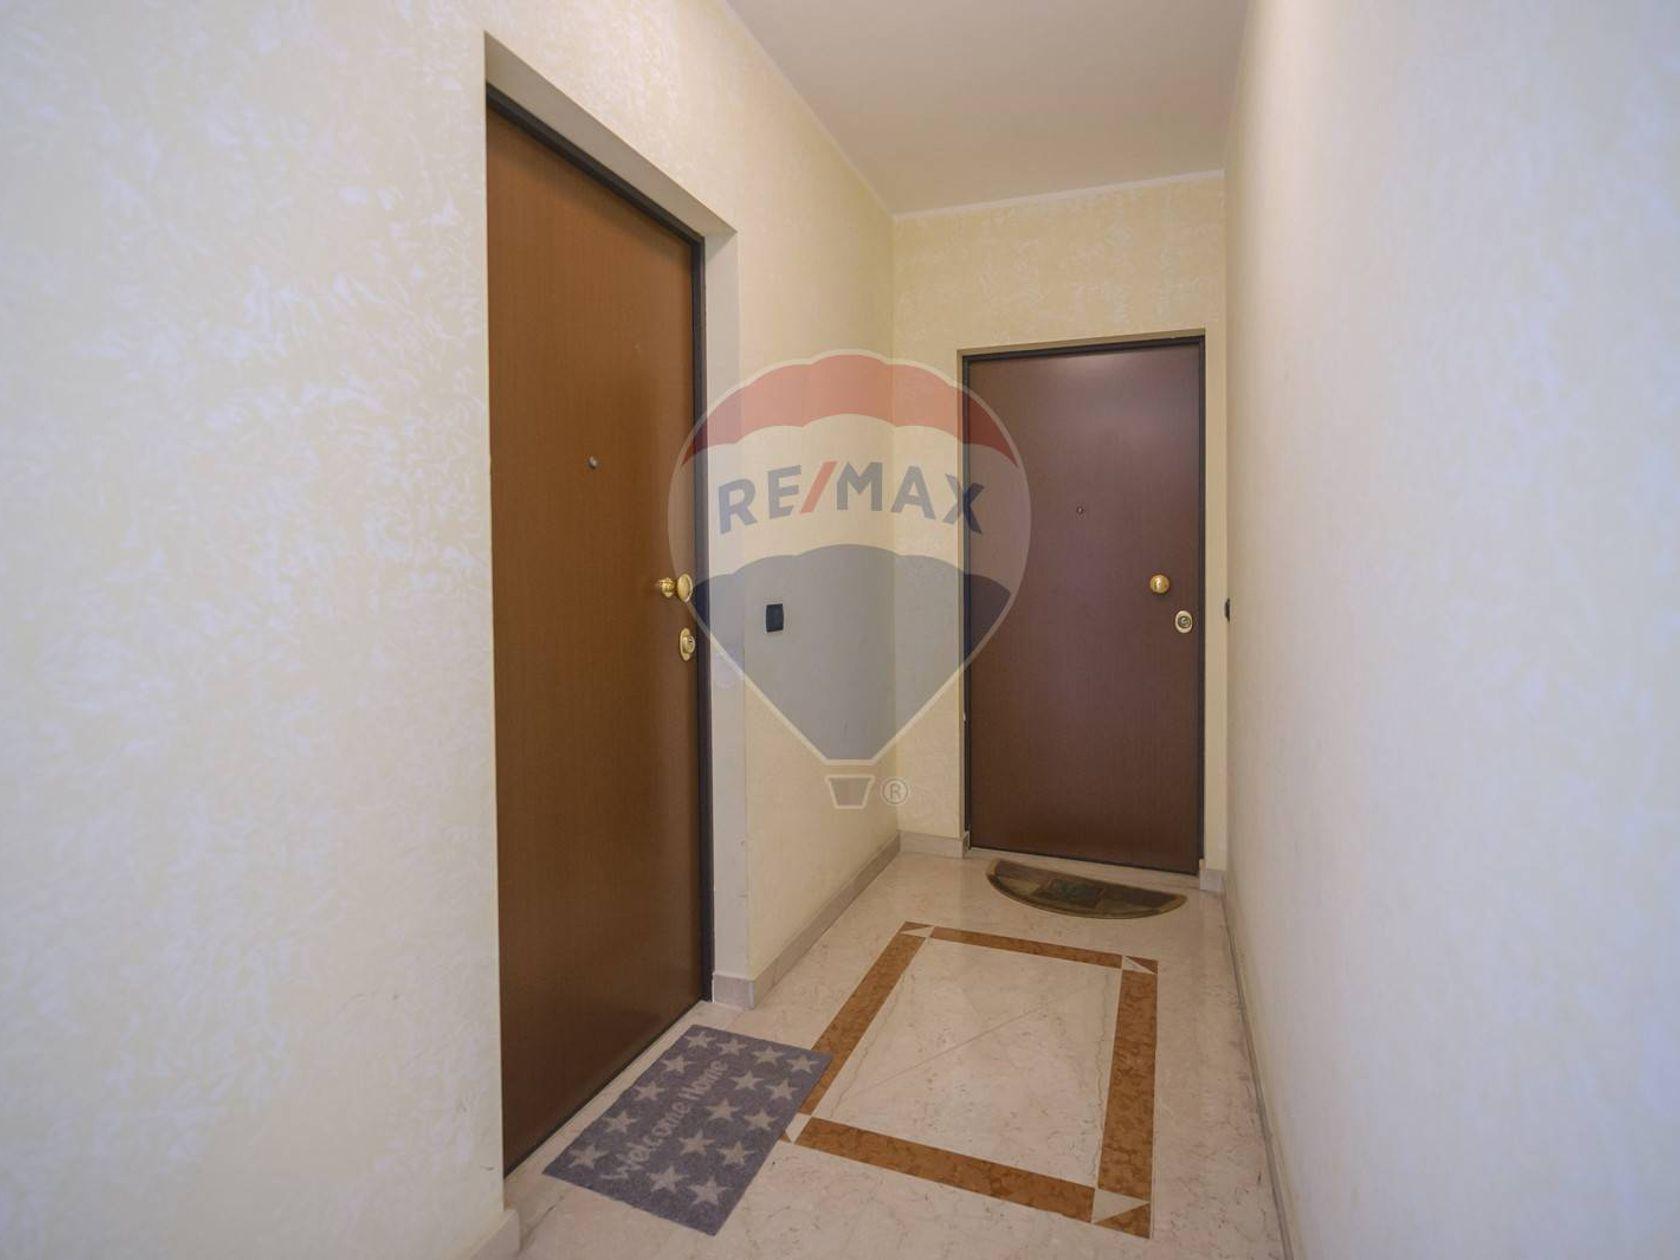 Appartamento Madonna delle Piane, Chieti, CH Vendita - Foto 7